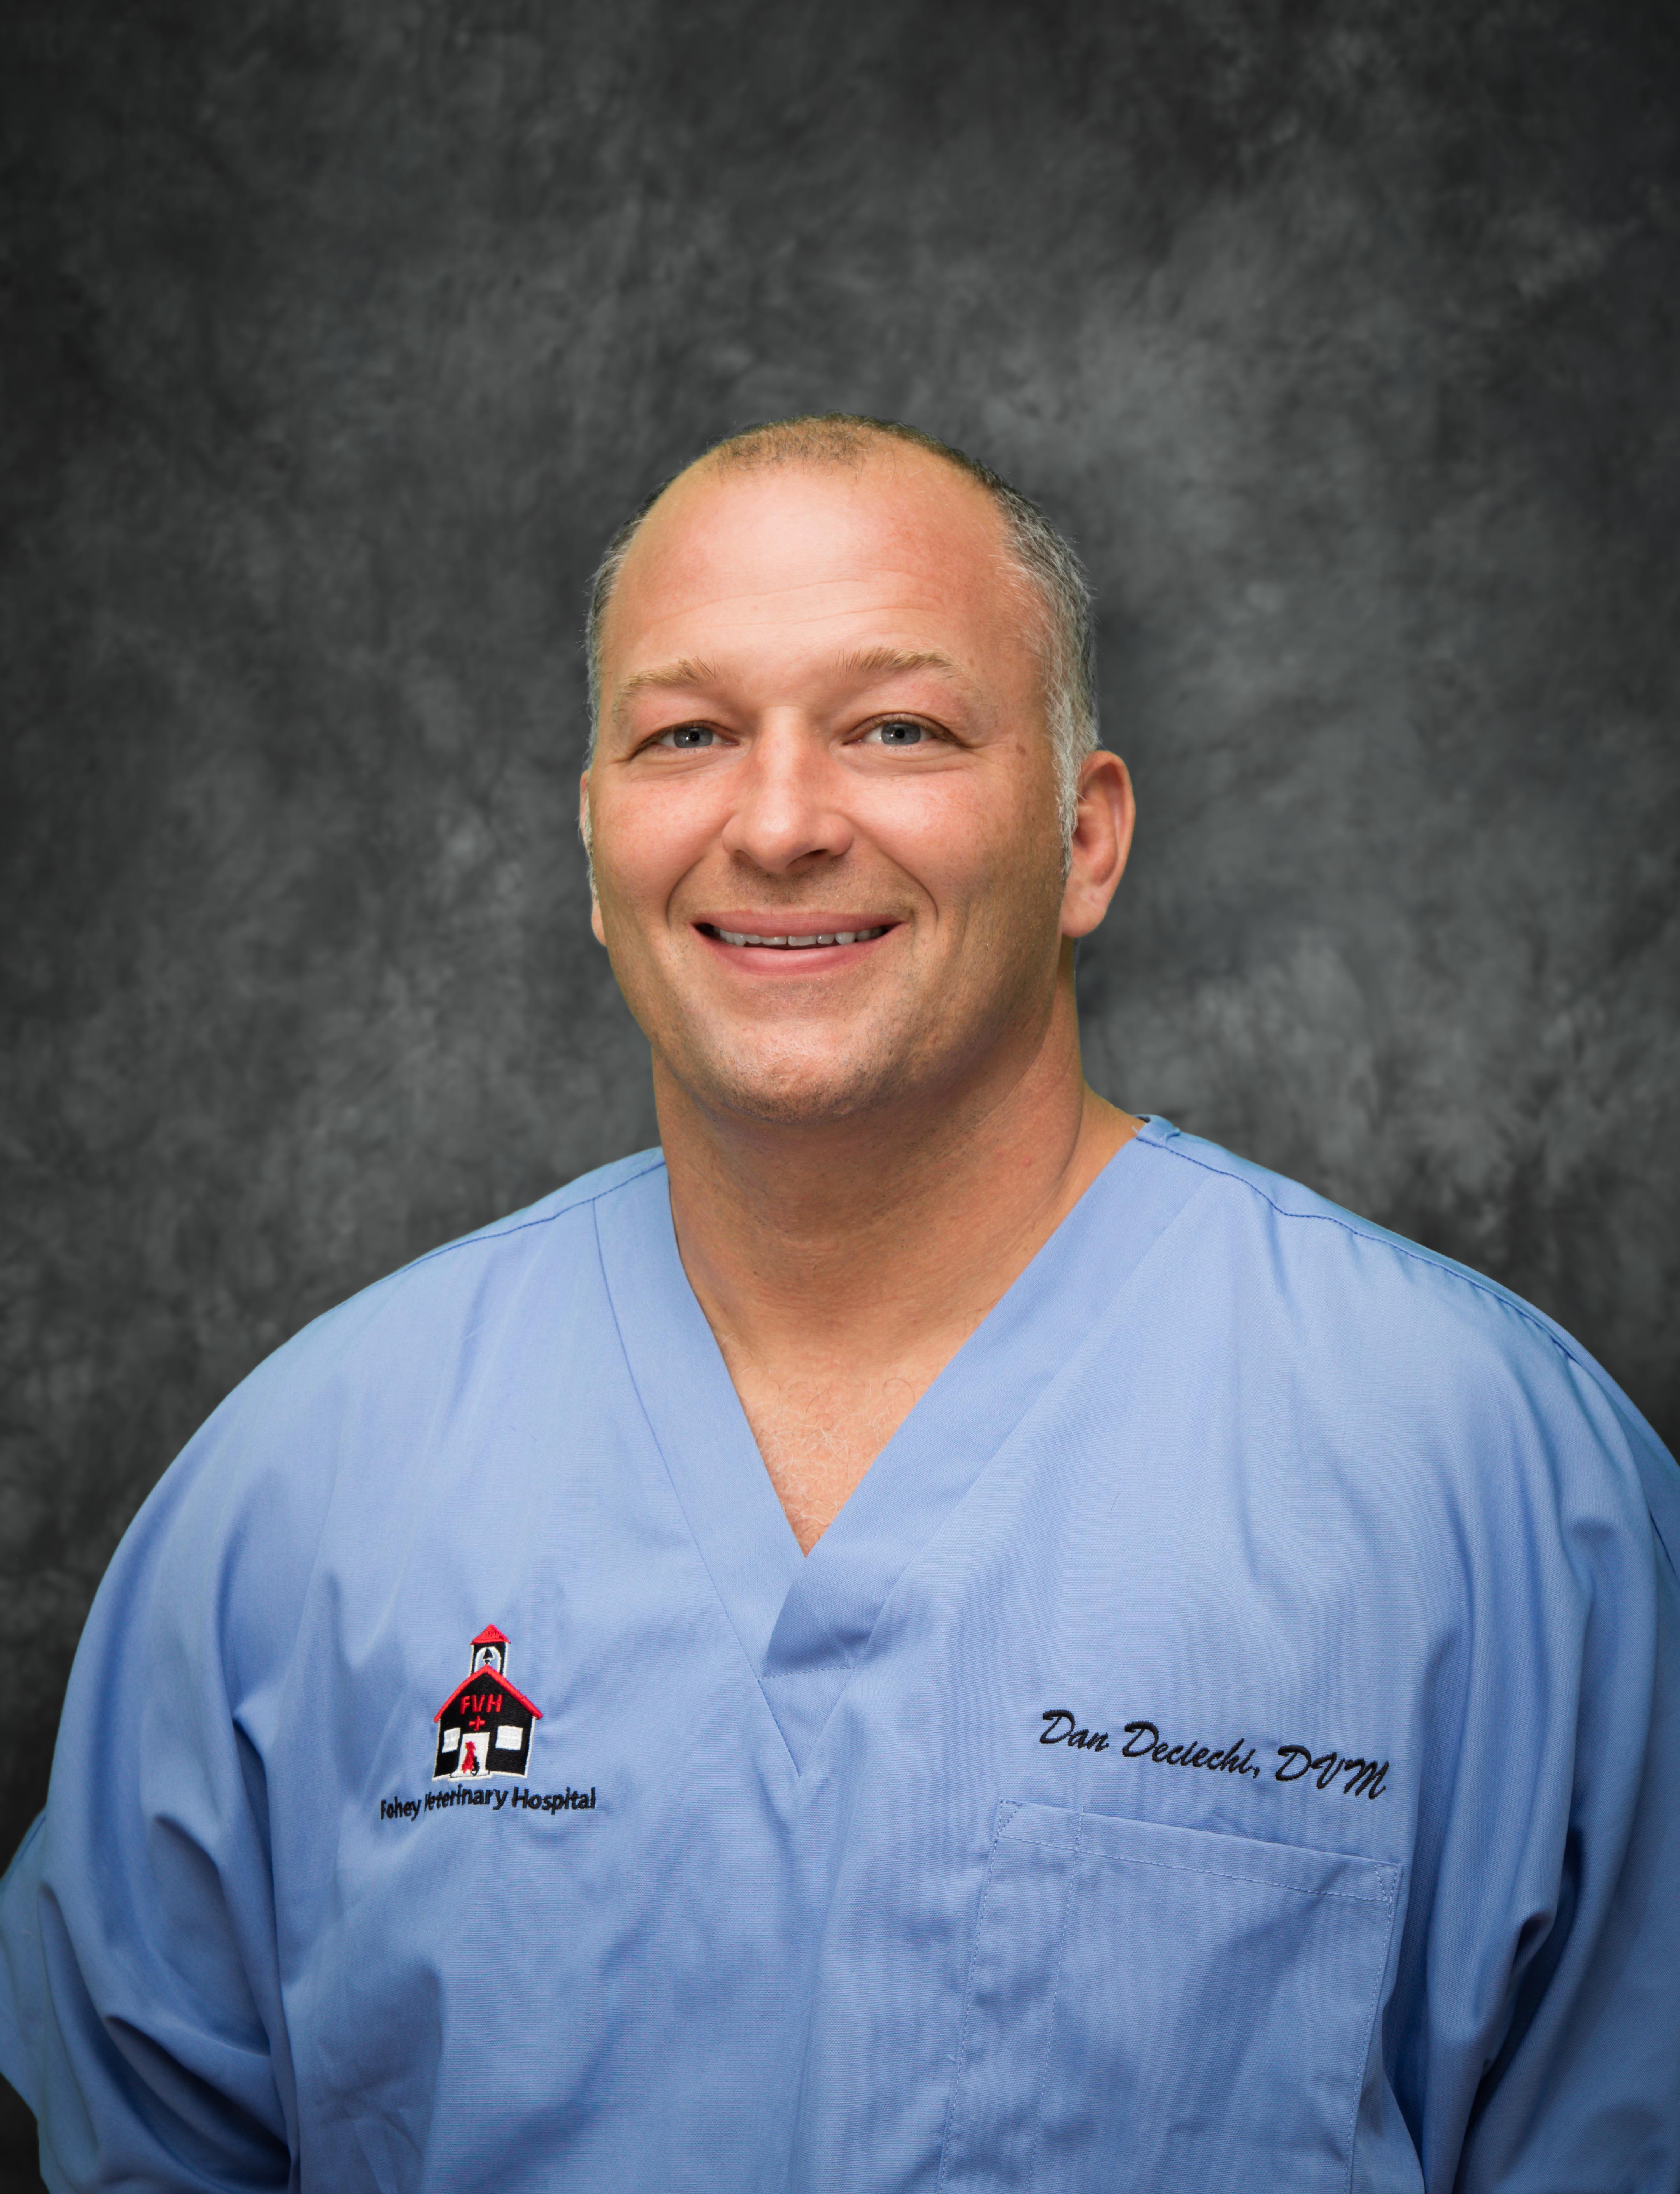 Dr. Dan Deciechi Fohey Vet Hospital